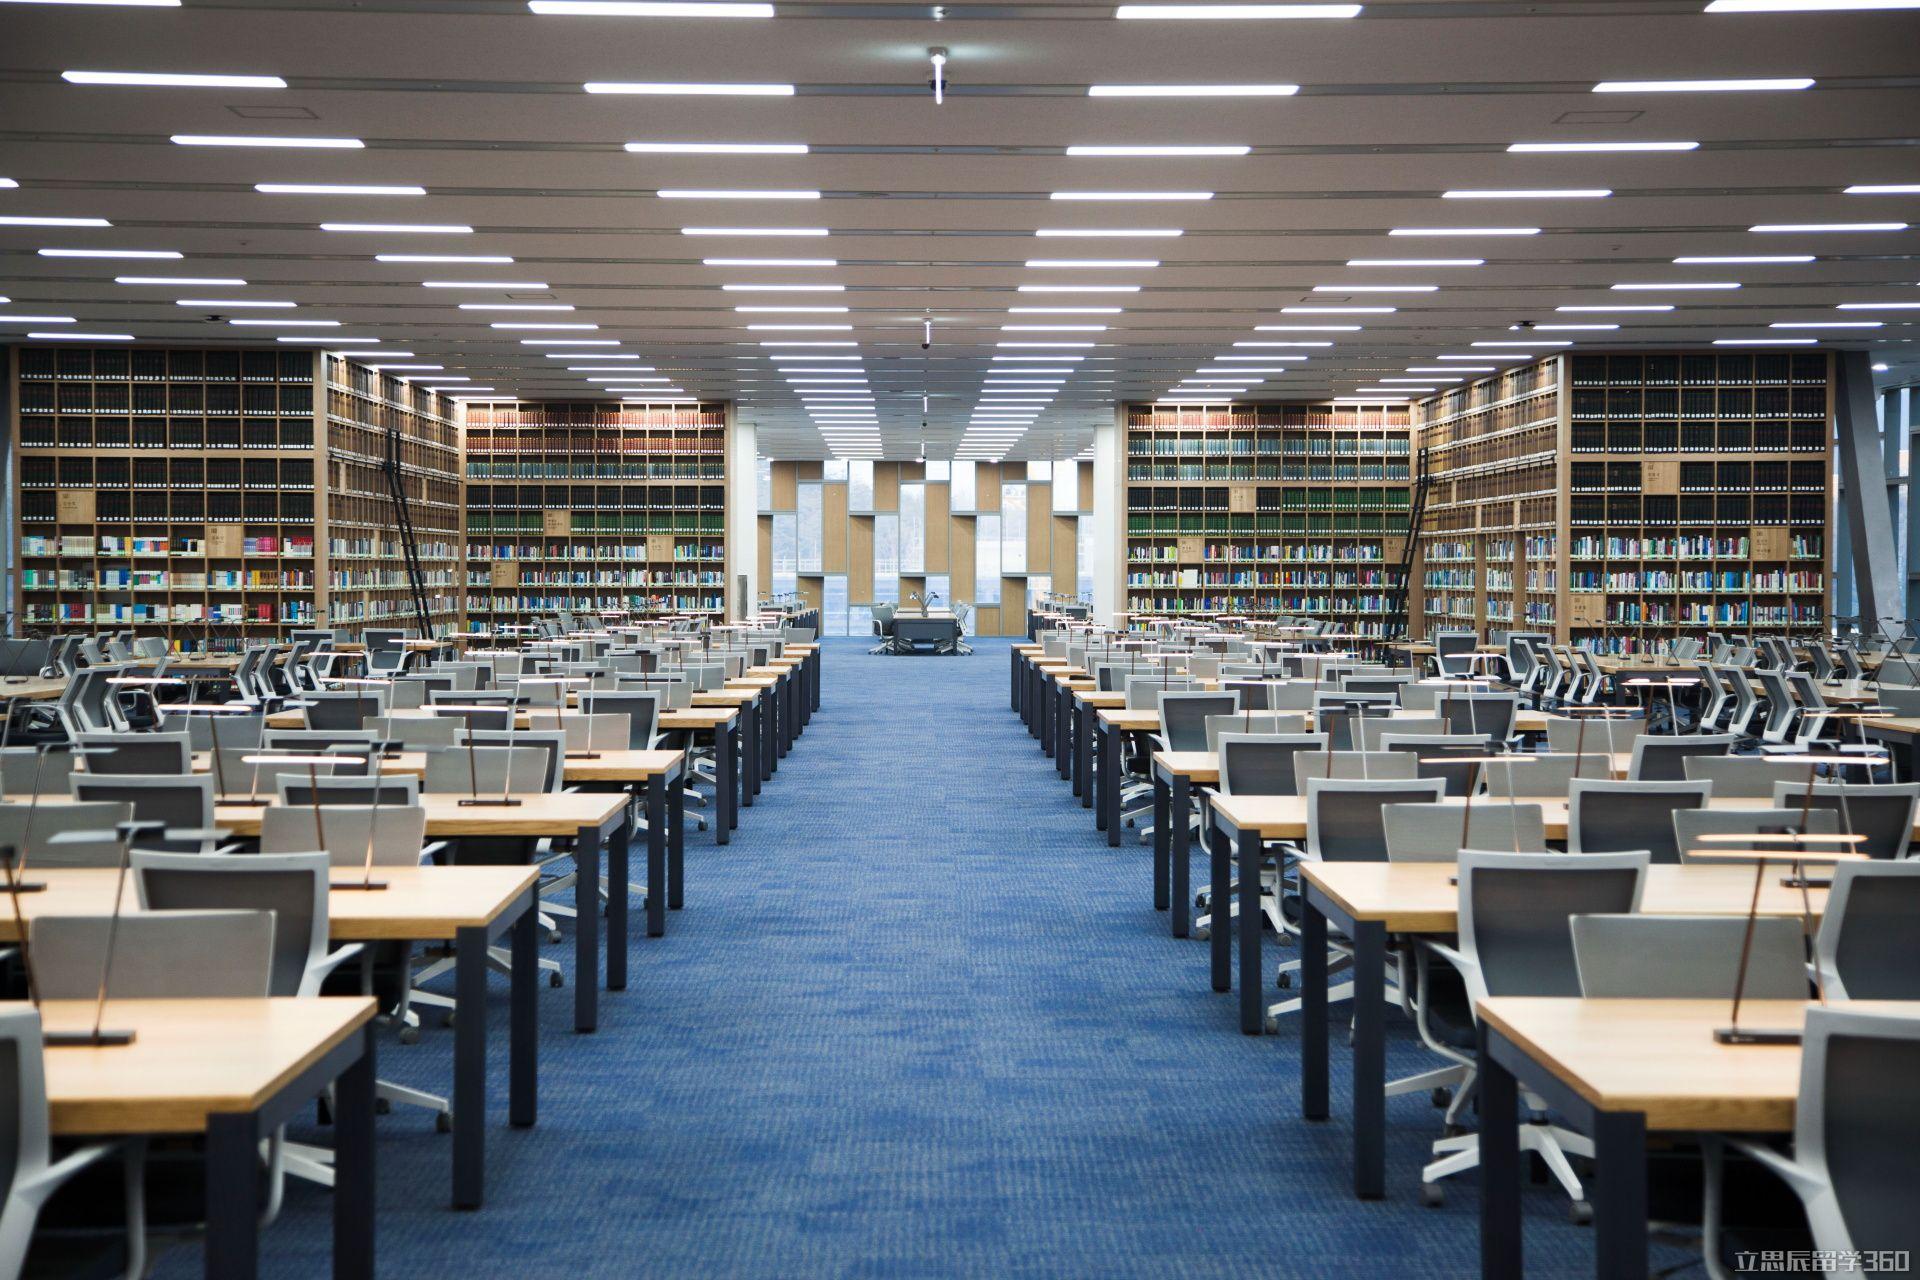 据立思辰留学360介绍,首尔大学(Seoul National University)又称首尔国立大学,原名汉城大学,建立于1946年8月22日,位于韩国首尔市,是韩国成立最早的国立综合性大学。以集中培养精英人才为宗旨的首尔大学创校以来培养出一大批高端人才,充实着韩国政治经济社会的各个领域,如现任联合国秘书长潘基文及多位韩国总统均出身于首尔大学。